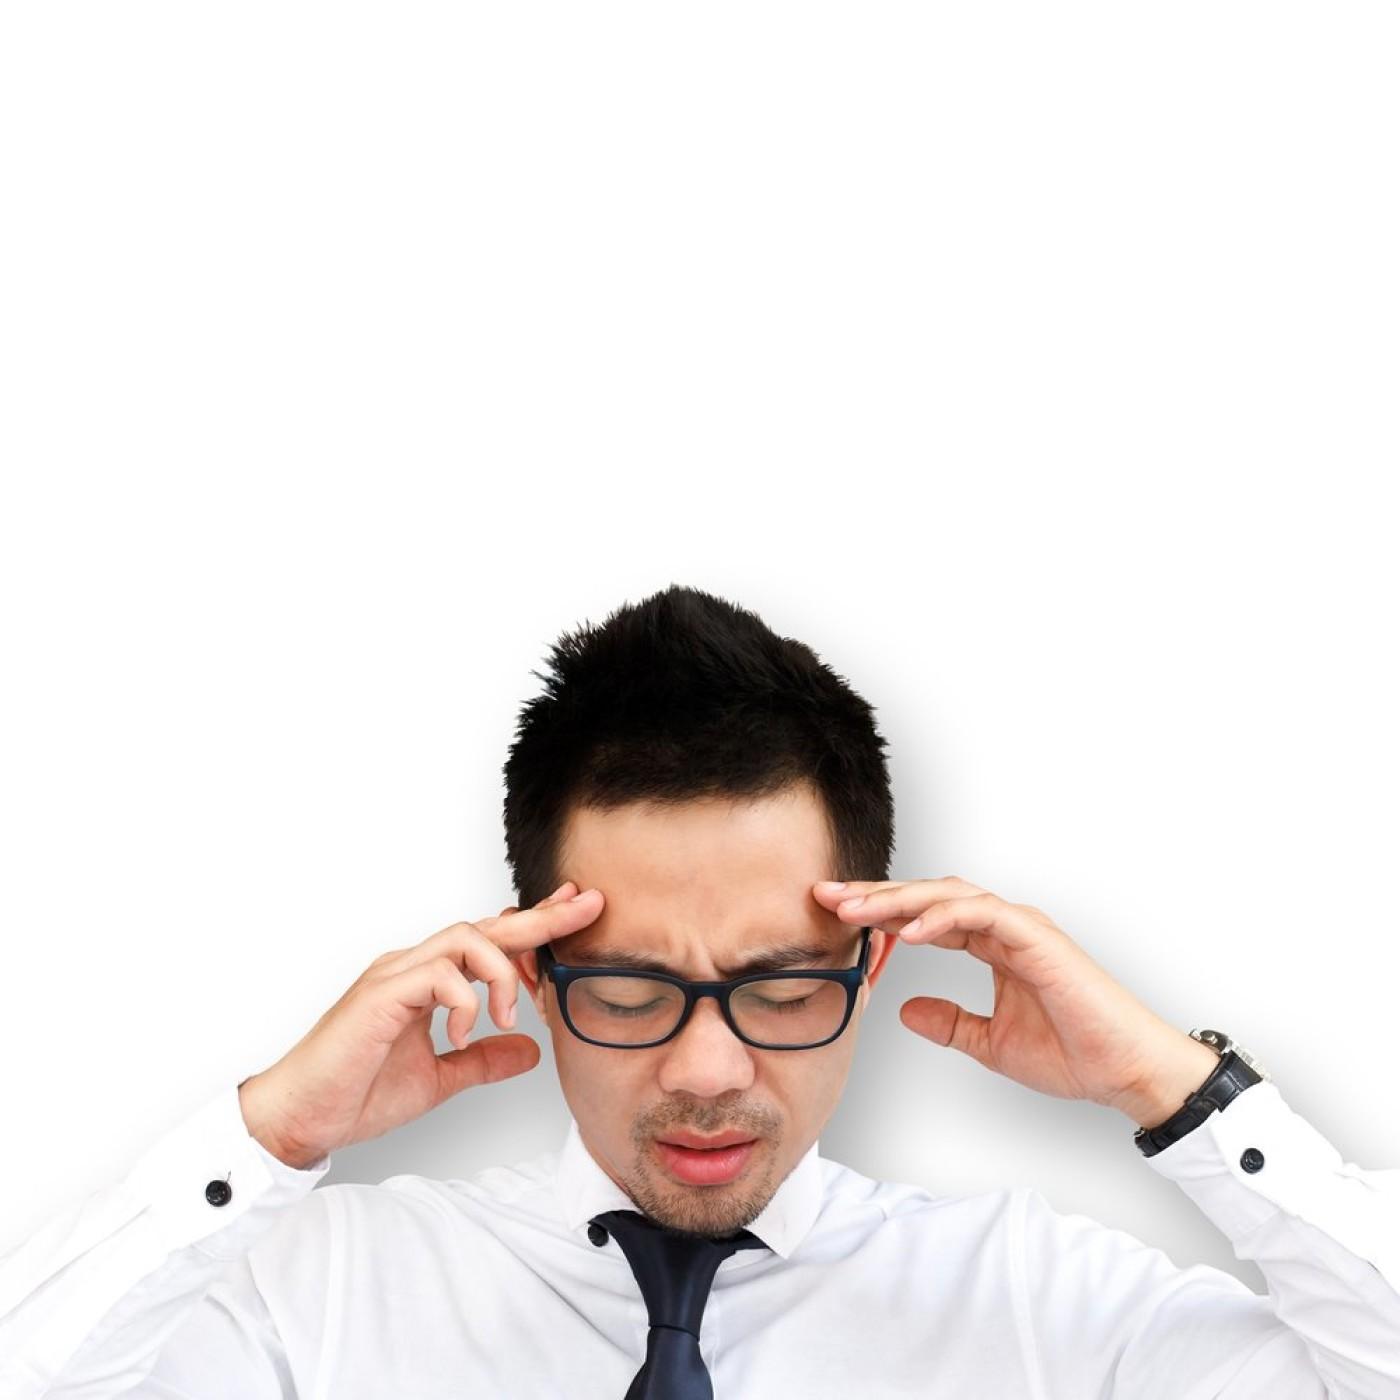 Les enseignants du supérieur: une population très exposée au stress